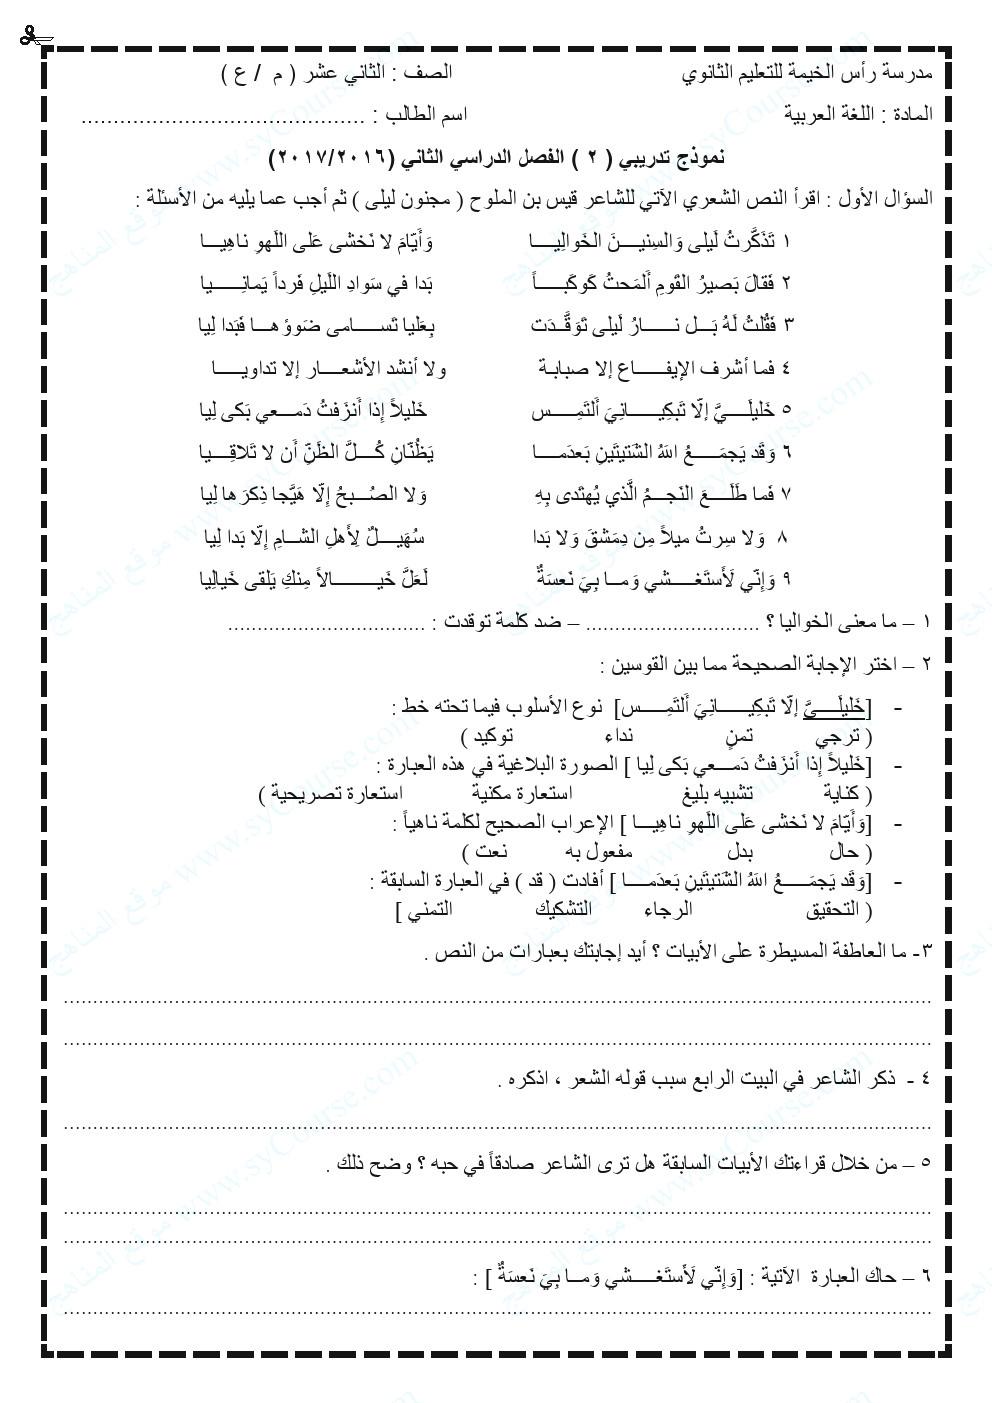 الفصل الثاني لغة عربية صف ثاني عشر